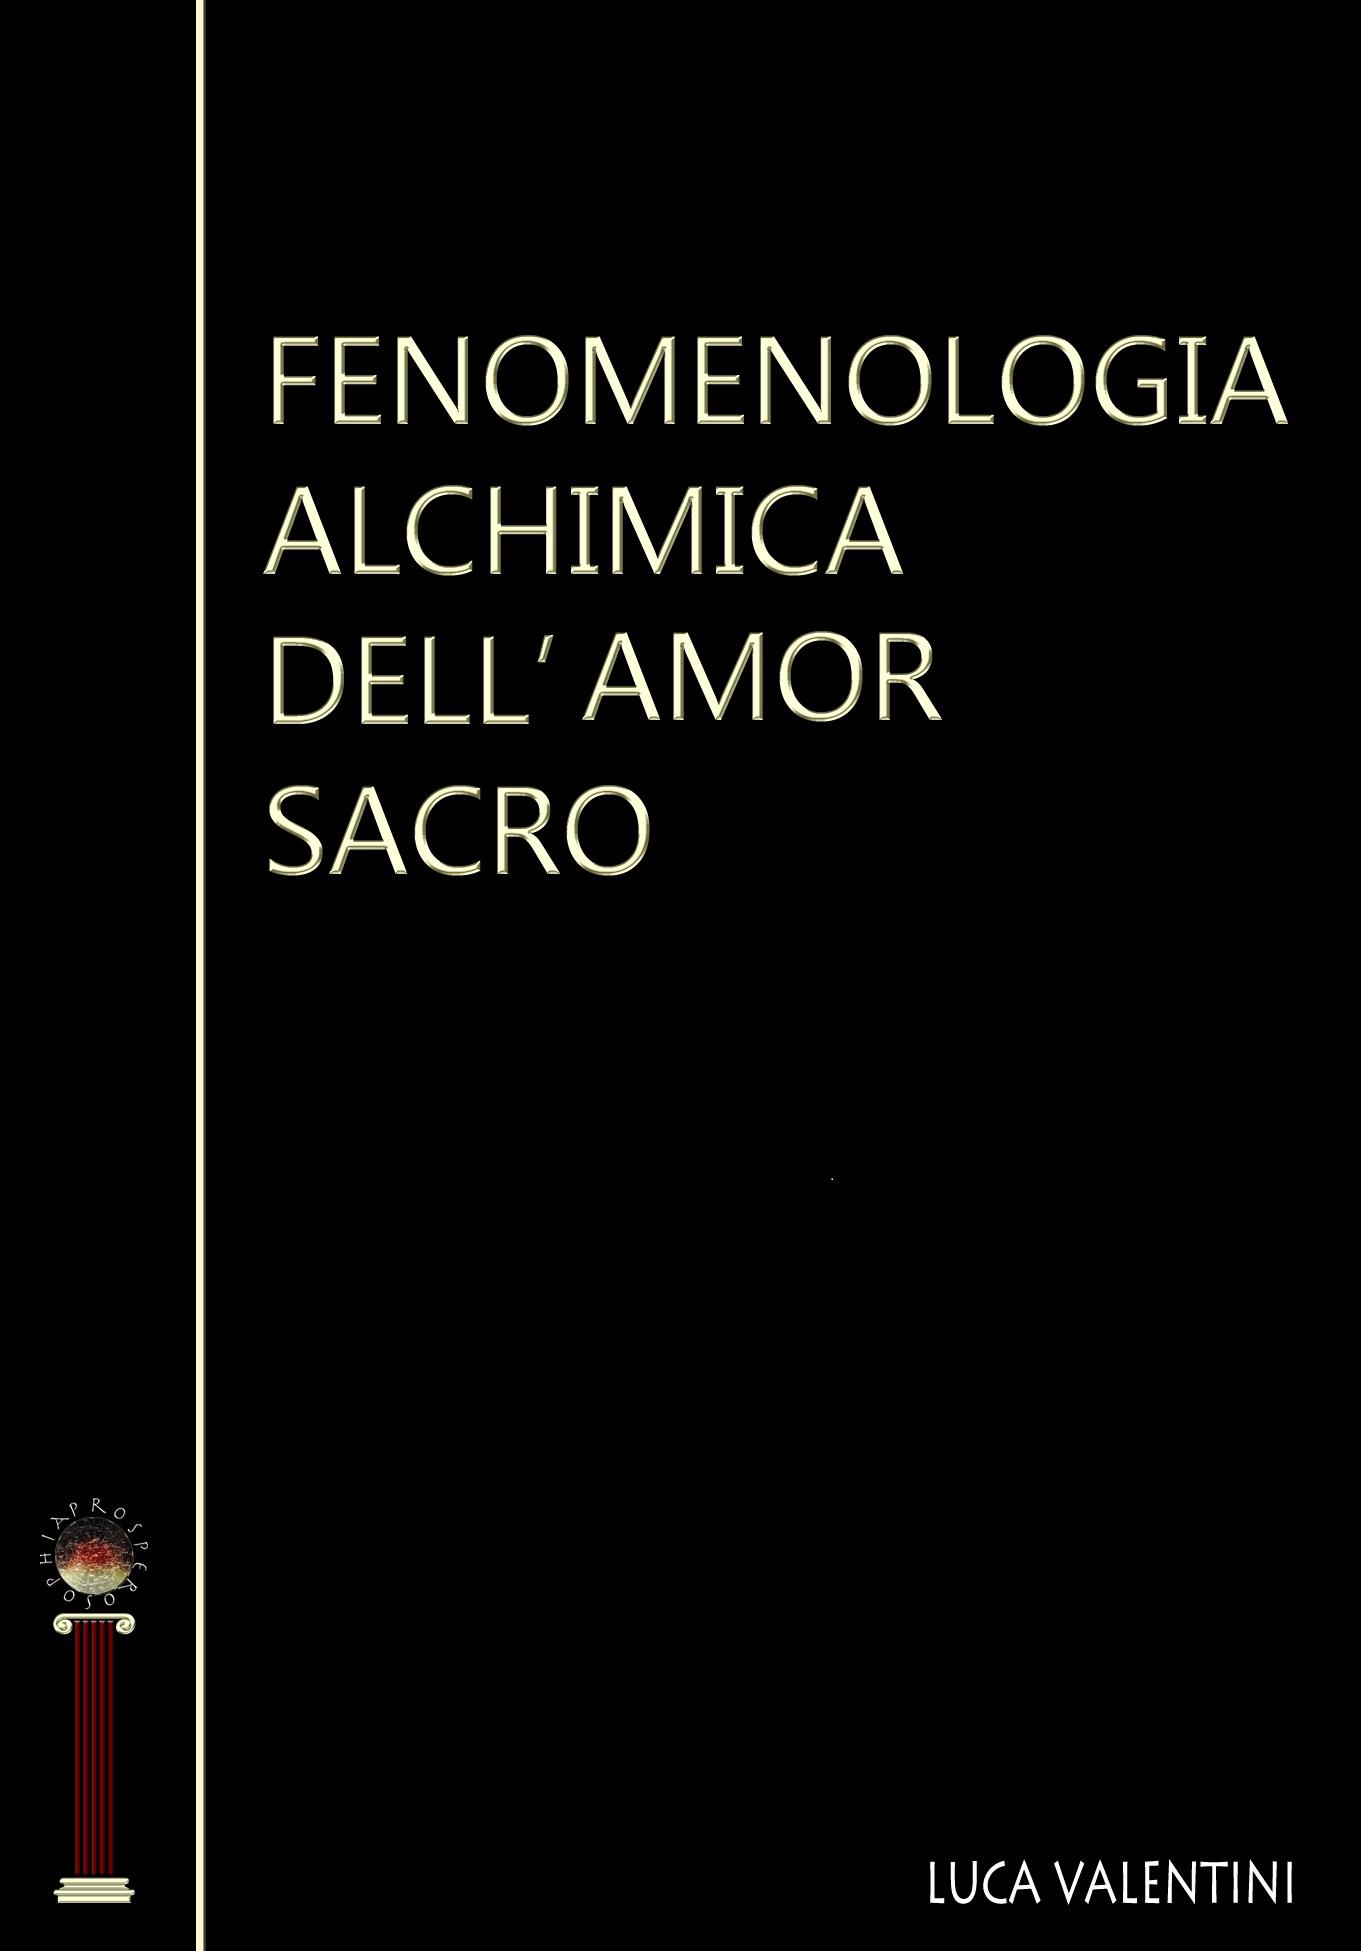 Fenomenologia alchimica dell'Amor Sacro